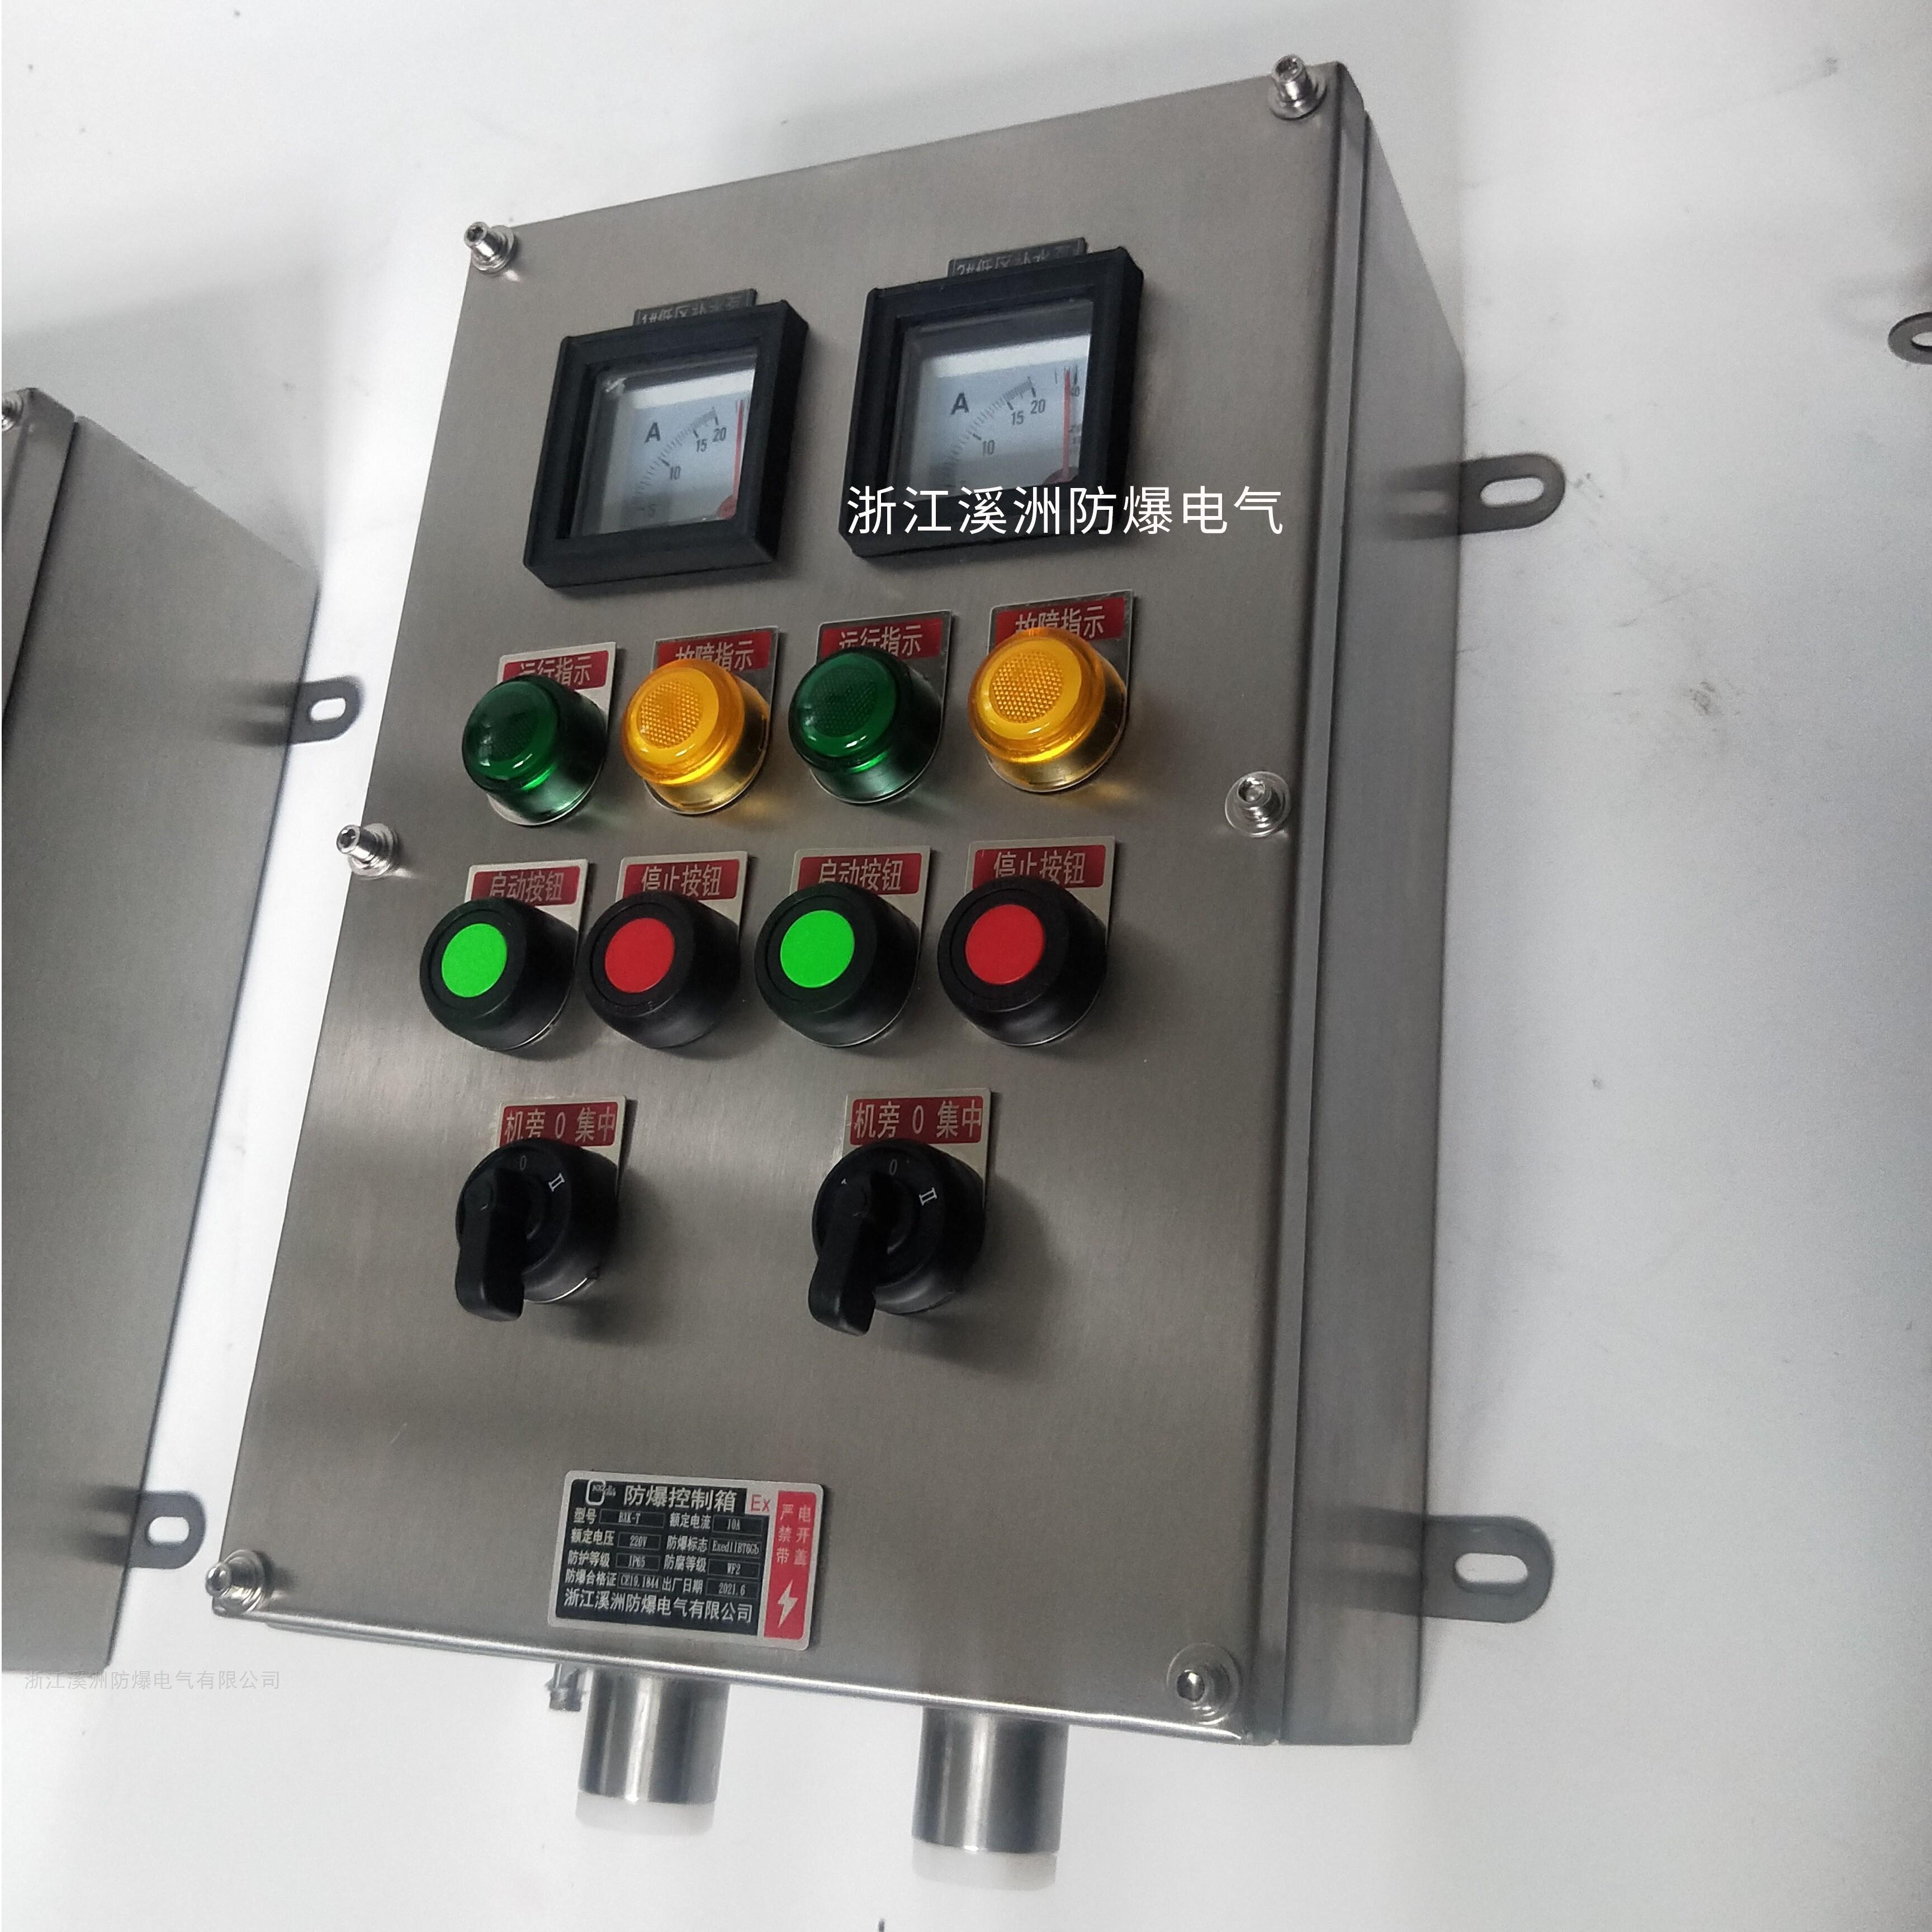 2灯2钮不锈钢防爆控制箱